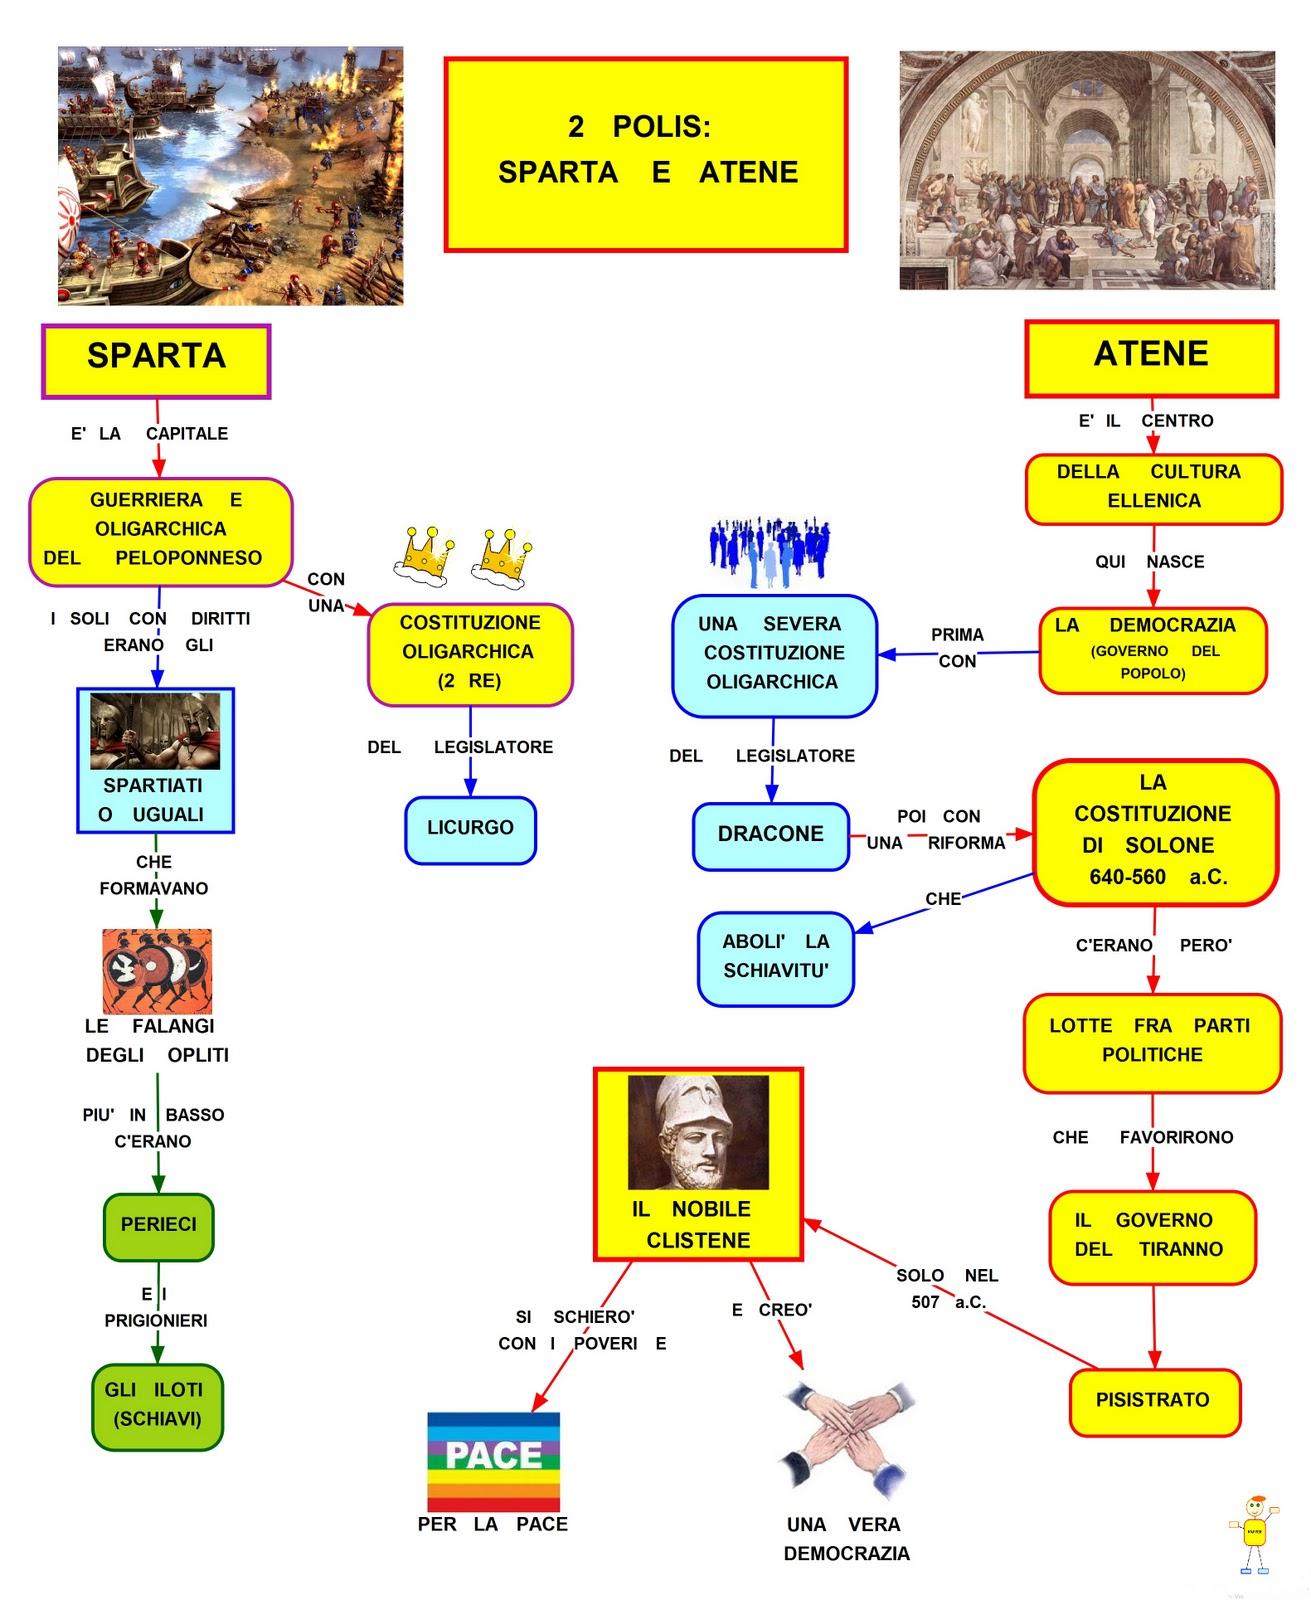 Mappa concettuale sparta e atene for Struttura politica italiana